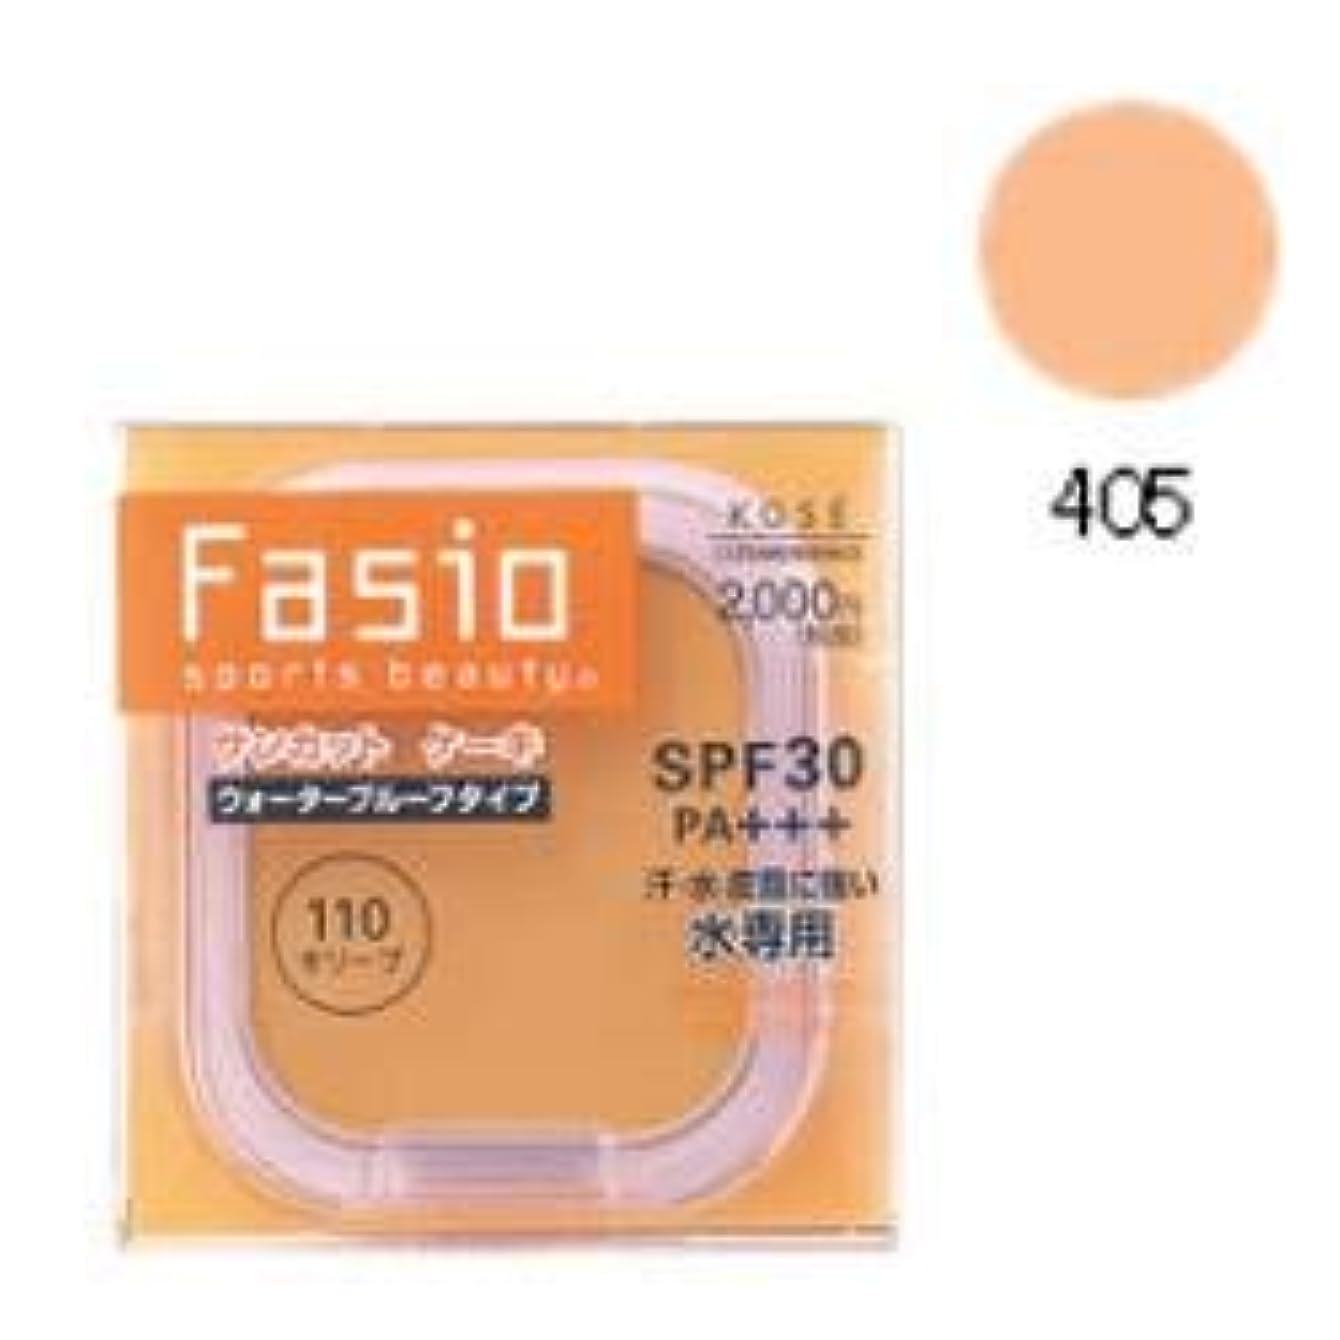 出来事隠す恋人コーセー Fasio ファシオ サンカット ケーキ 詰め替え用 405